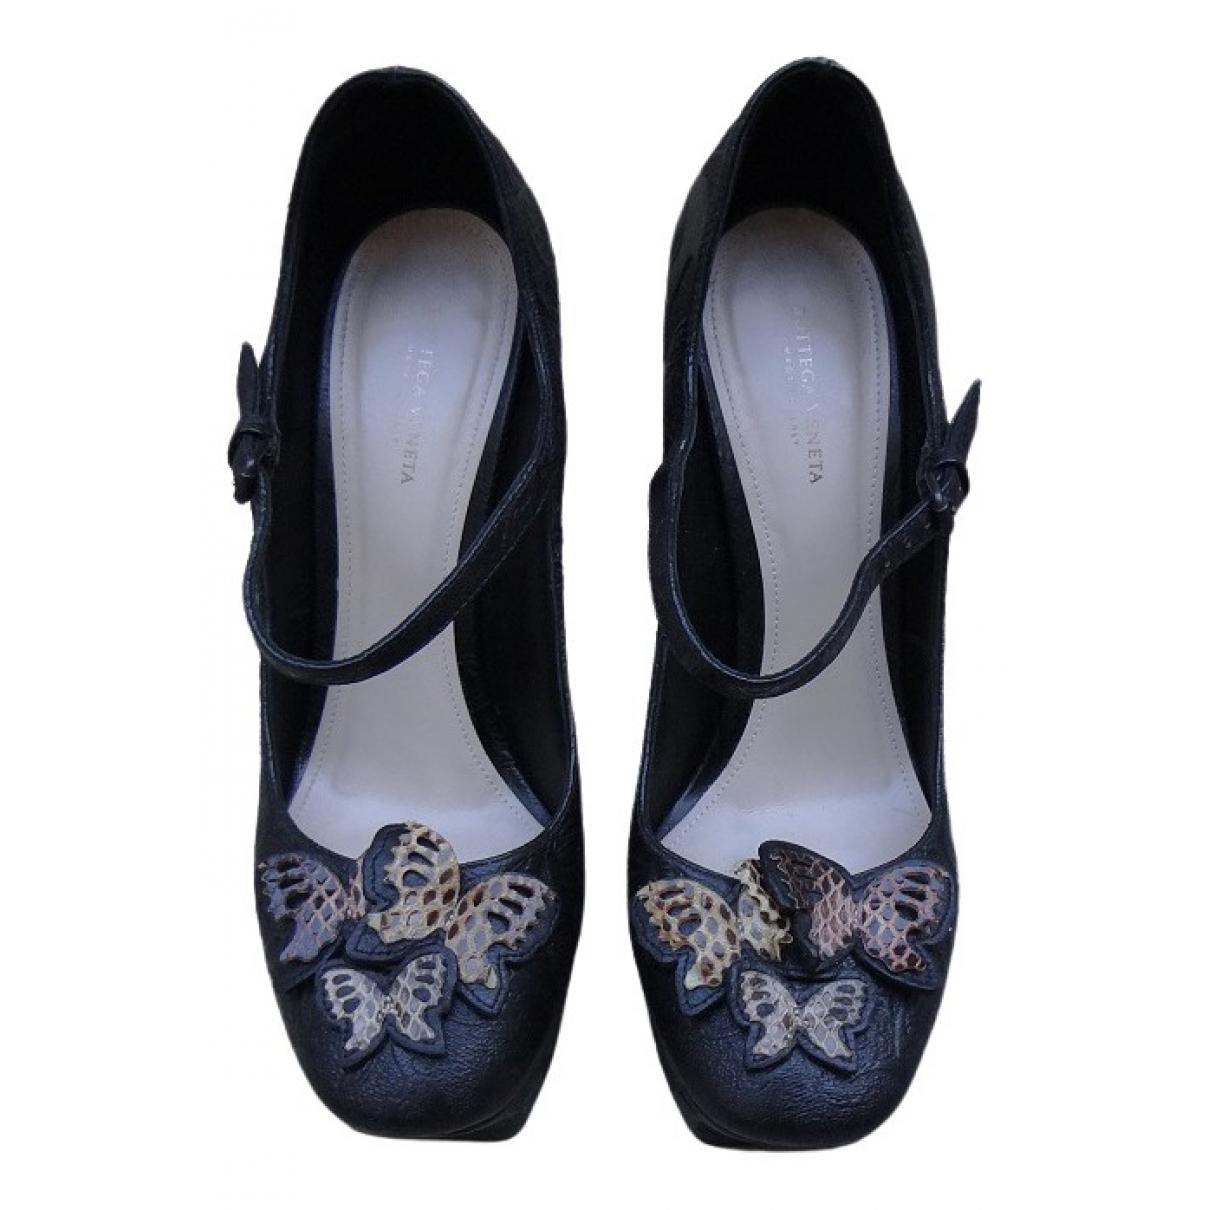 Bottega Veneta \N Black Leather Heels for Women 39 EU